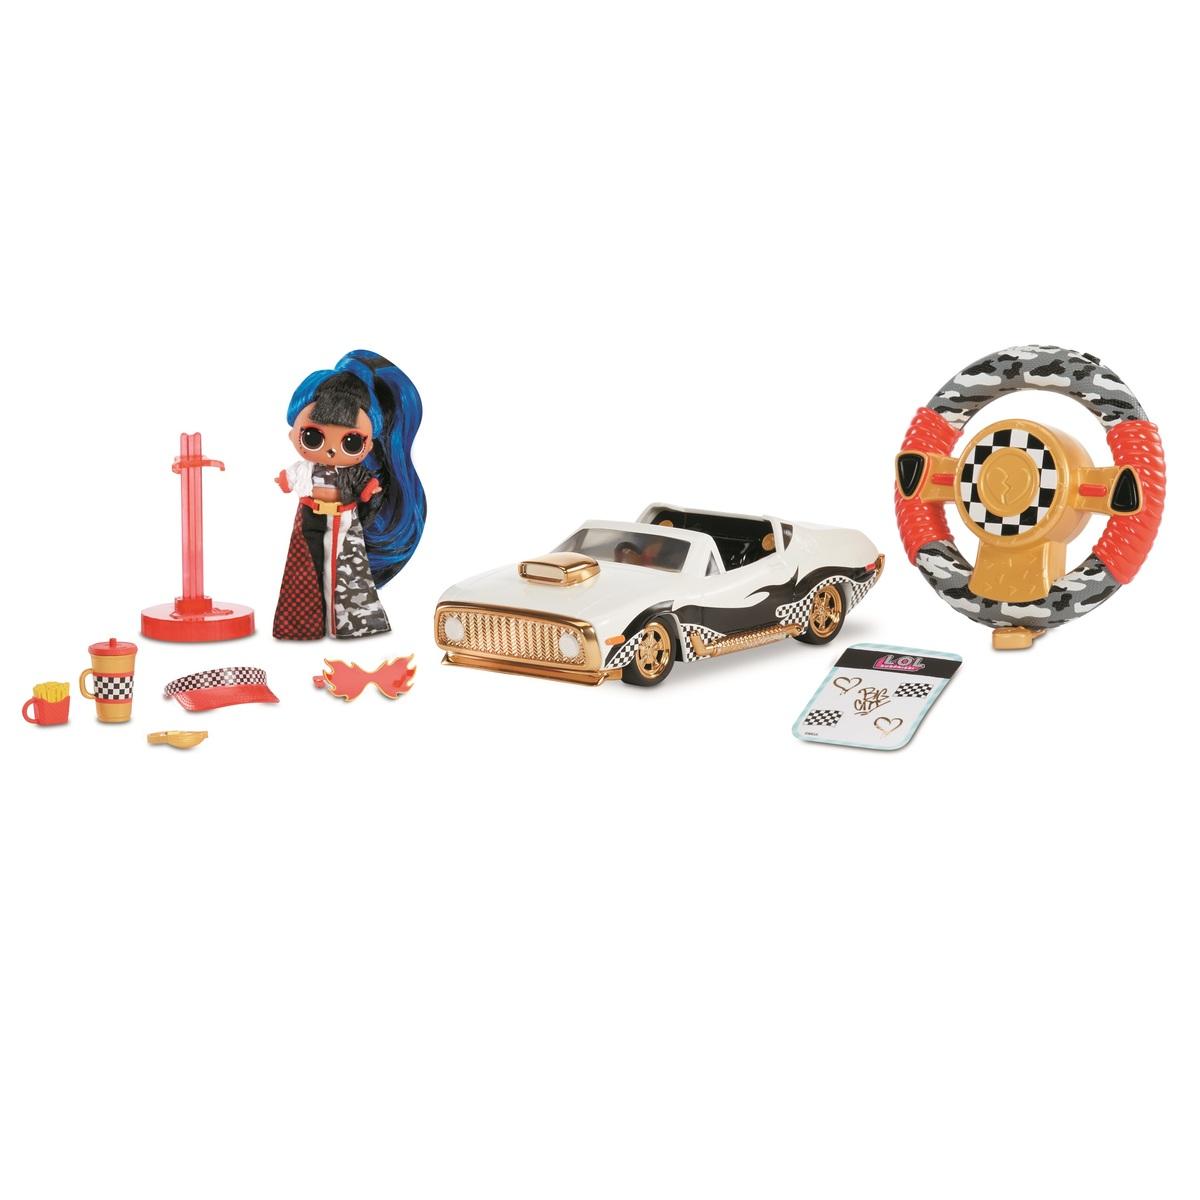 【最大1000円OFFクーポン配布中】L.O.L. Surprise! RC Wheels ? Remote Control Car with Limited Edition Doll ギフト 誕生日 ホビー かわいい ドール 人形 LOLサプライズ lol lolサプライズ エルオーエルサプライズ フィギュア おもちゃ 女の子 プレゼント